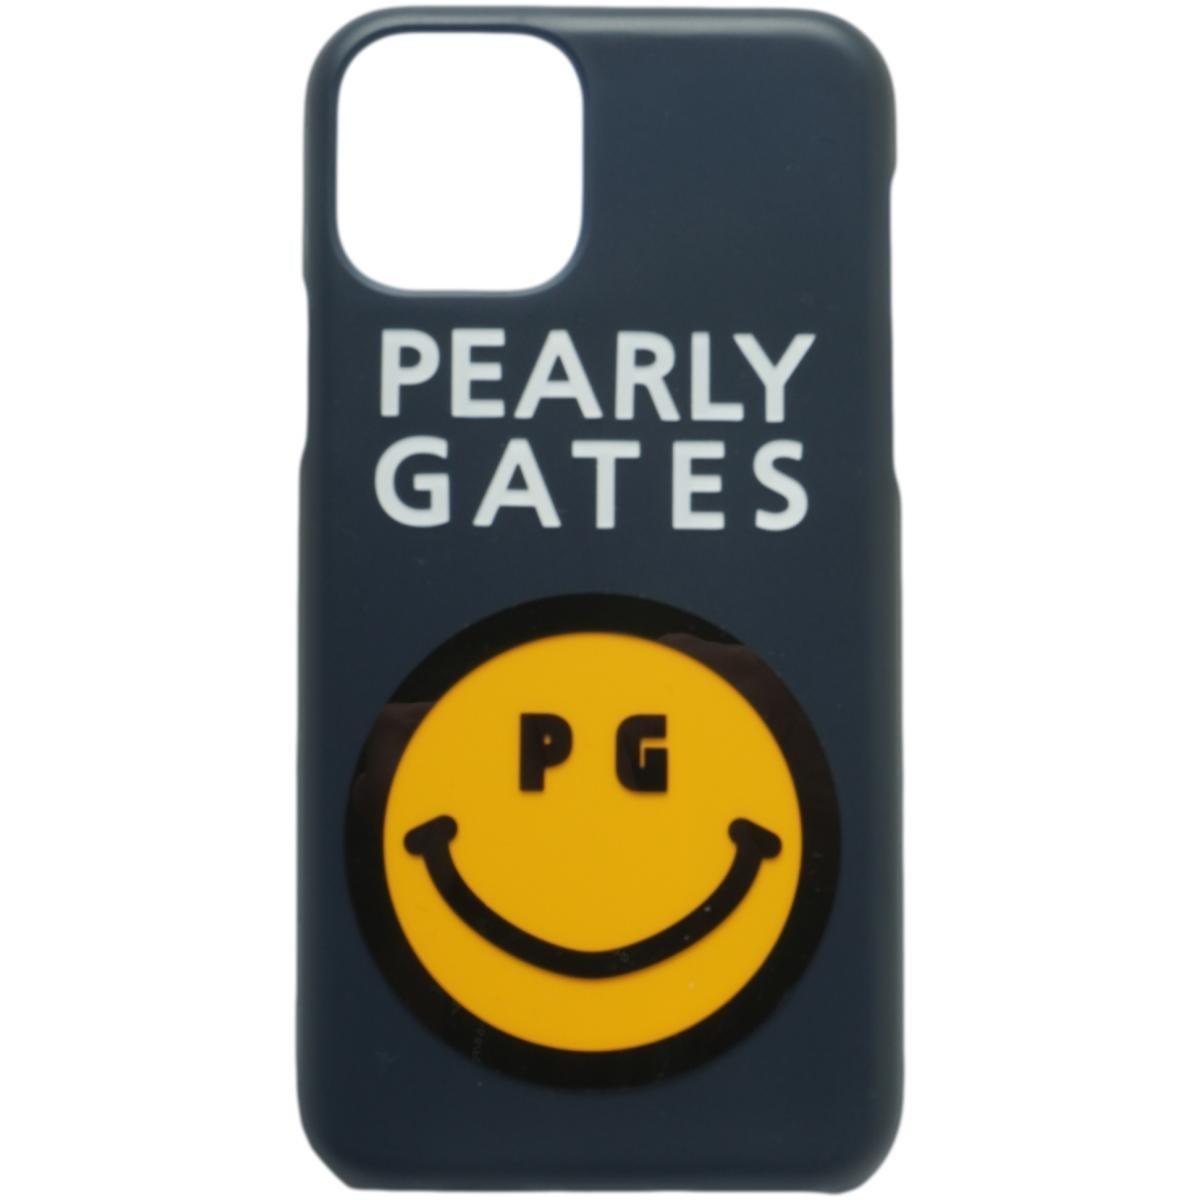 [2020年モデル] パーリーゲイツ PEARLY GATES ニコちゃん iPhone11pro対応ケース ネイビー 120 ゴルフ